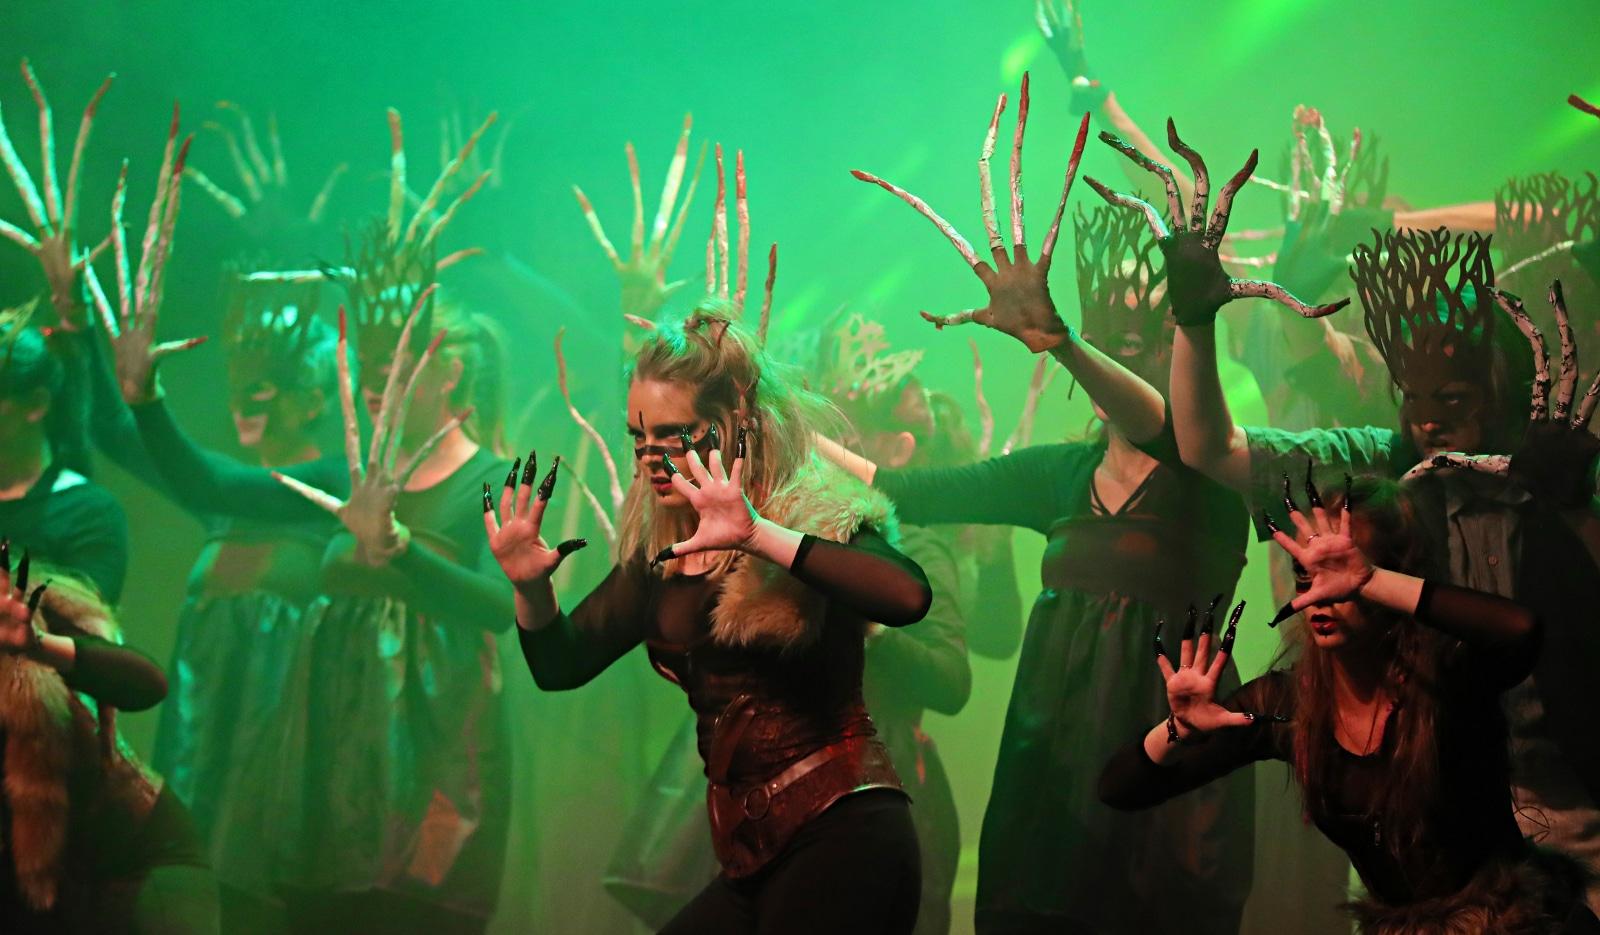 Die Verleihung des Lotto Musiktheaterpreies findet am 30.09.2018 in Stuttgart im Theaterhaus statt.